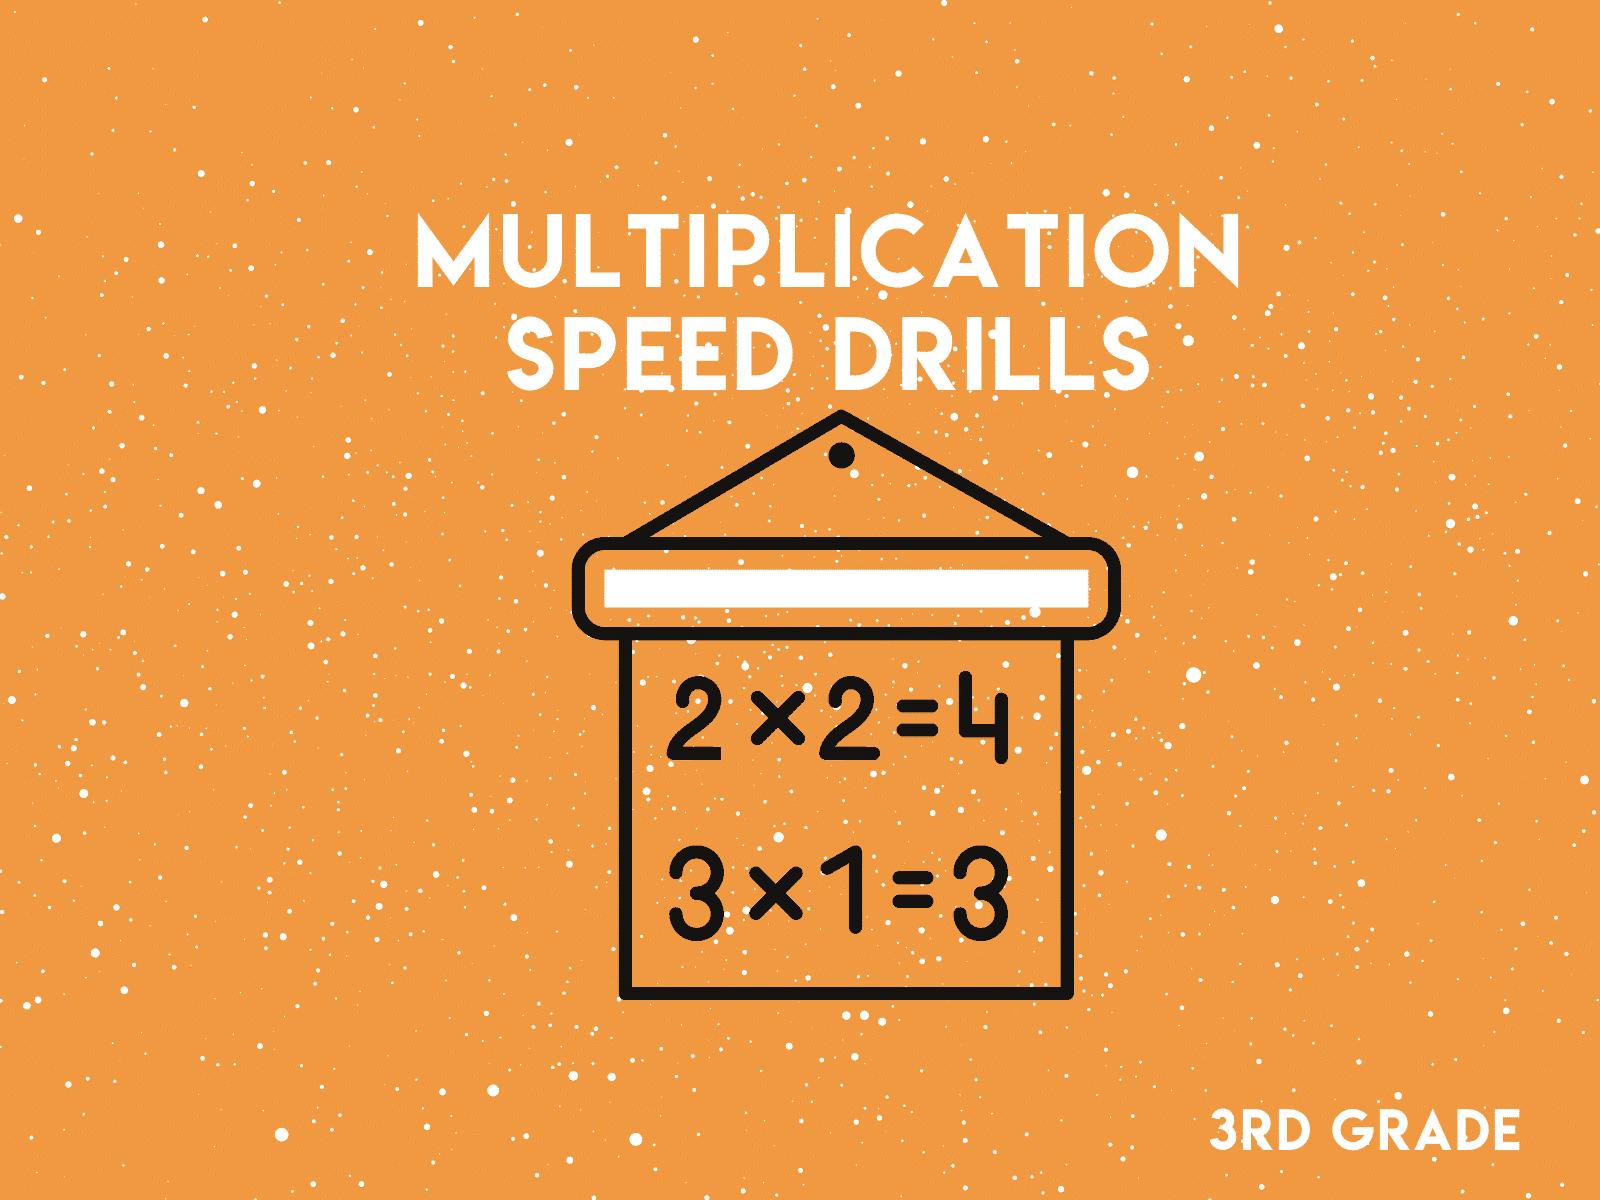 3rd Grade - Multiplication Speed Drills